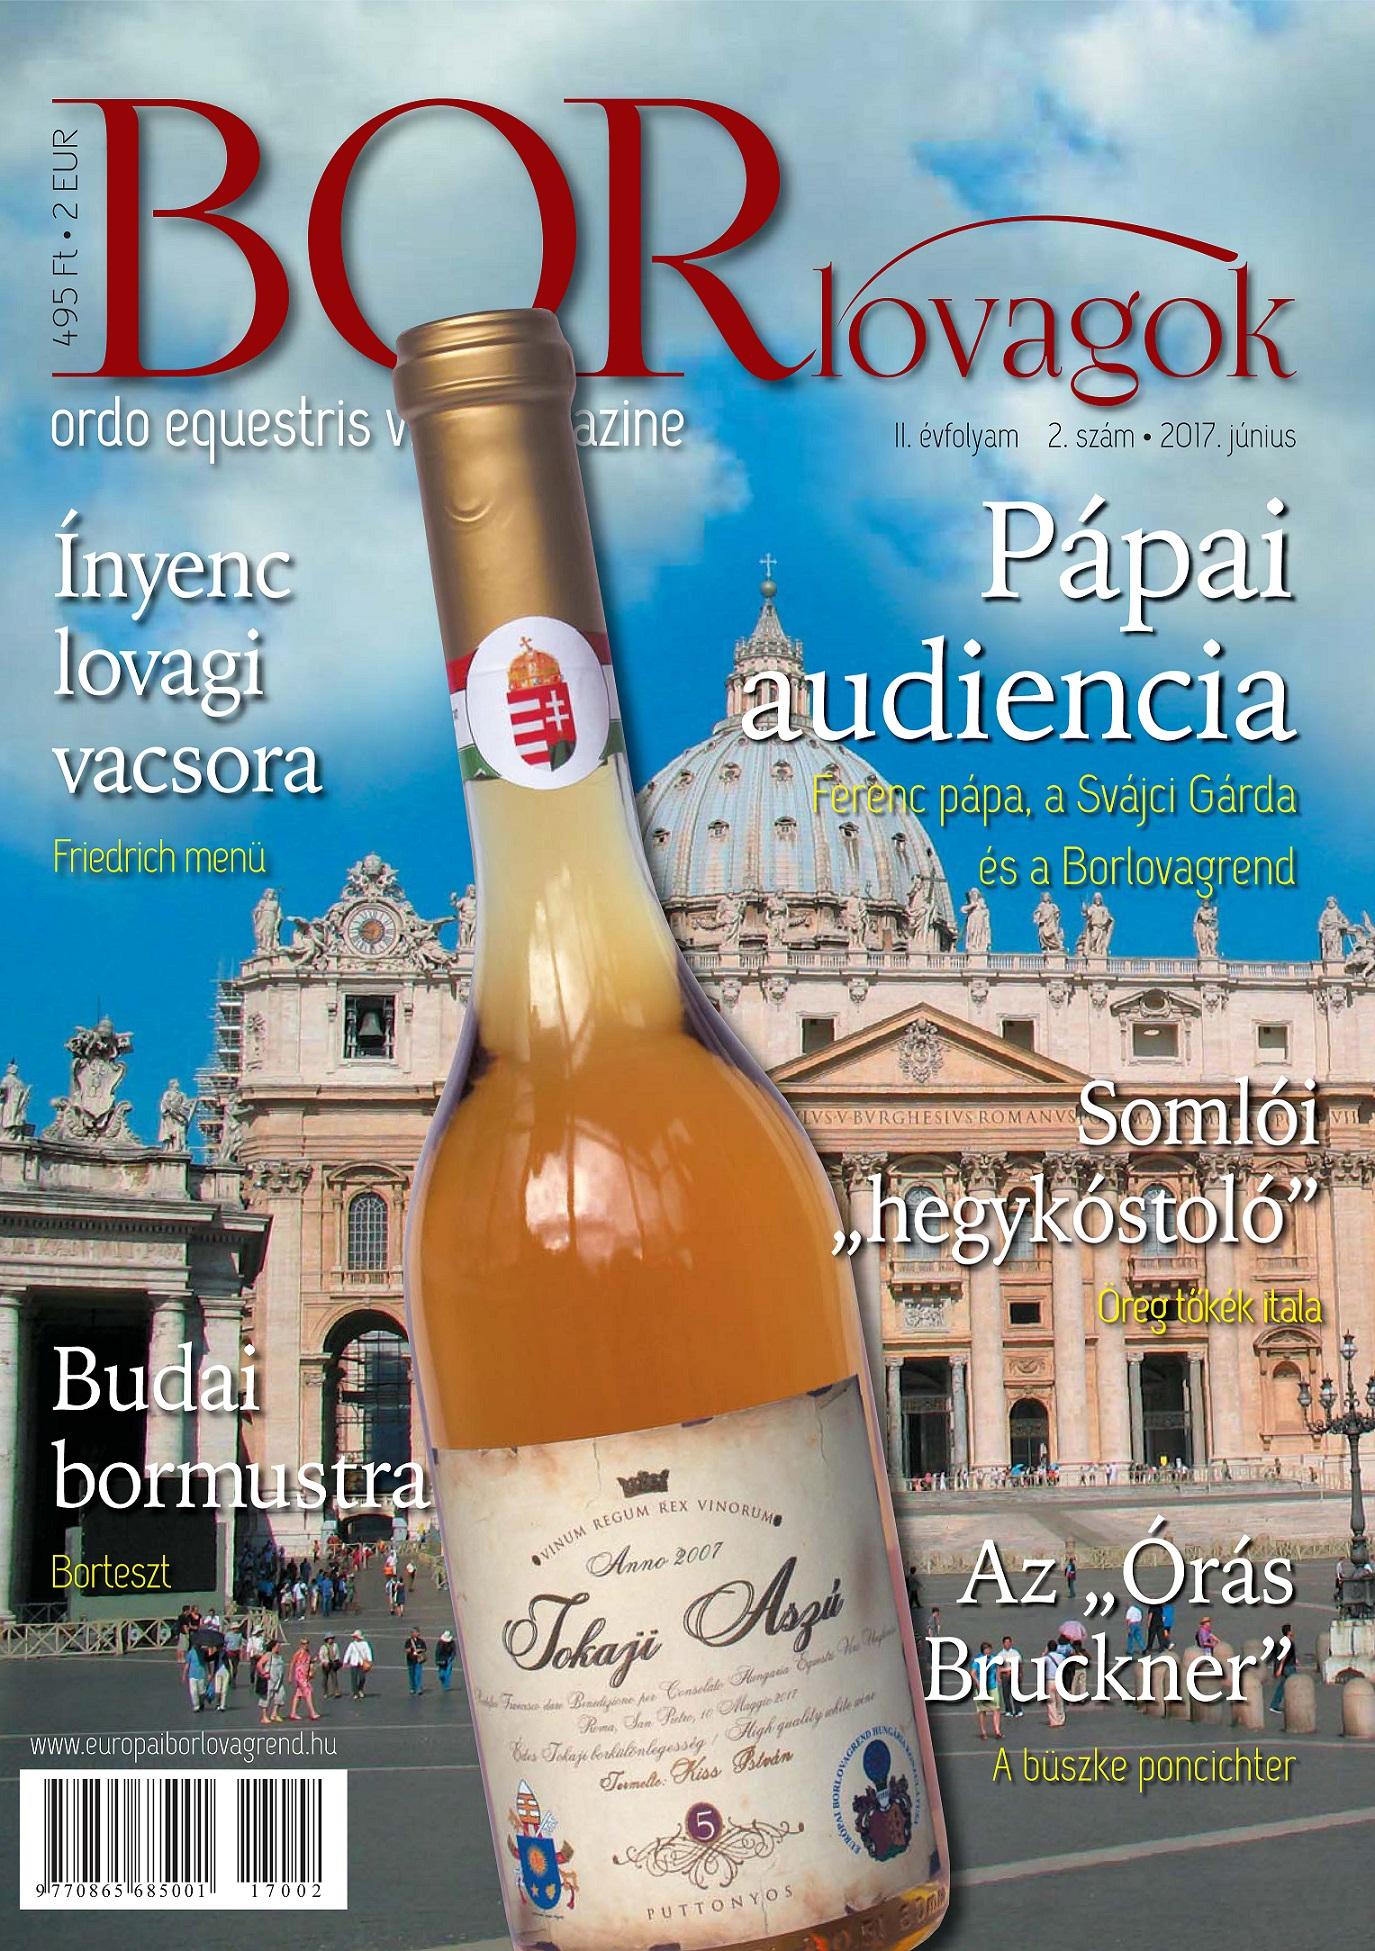 Megjelent a BORLOVAGOK Magazin 2017/2. száma